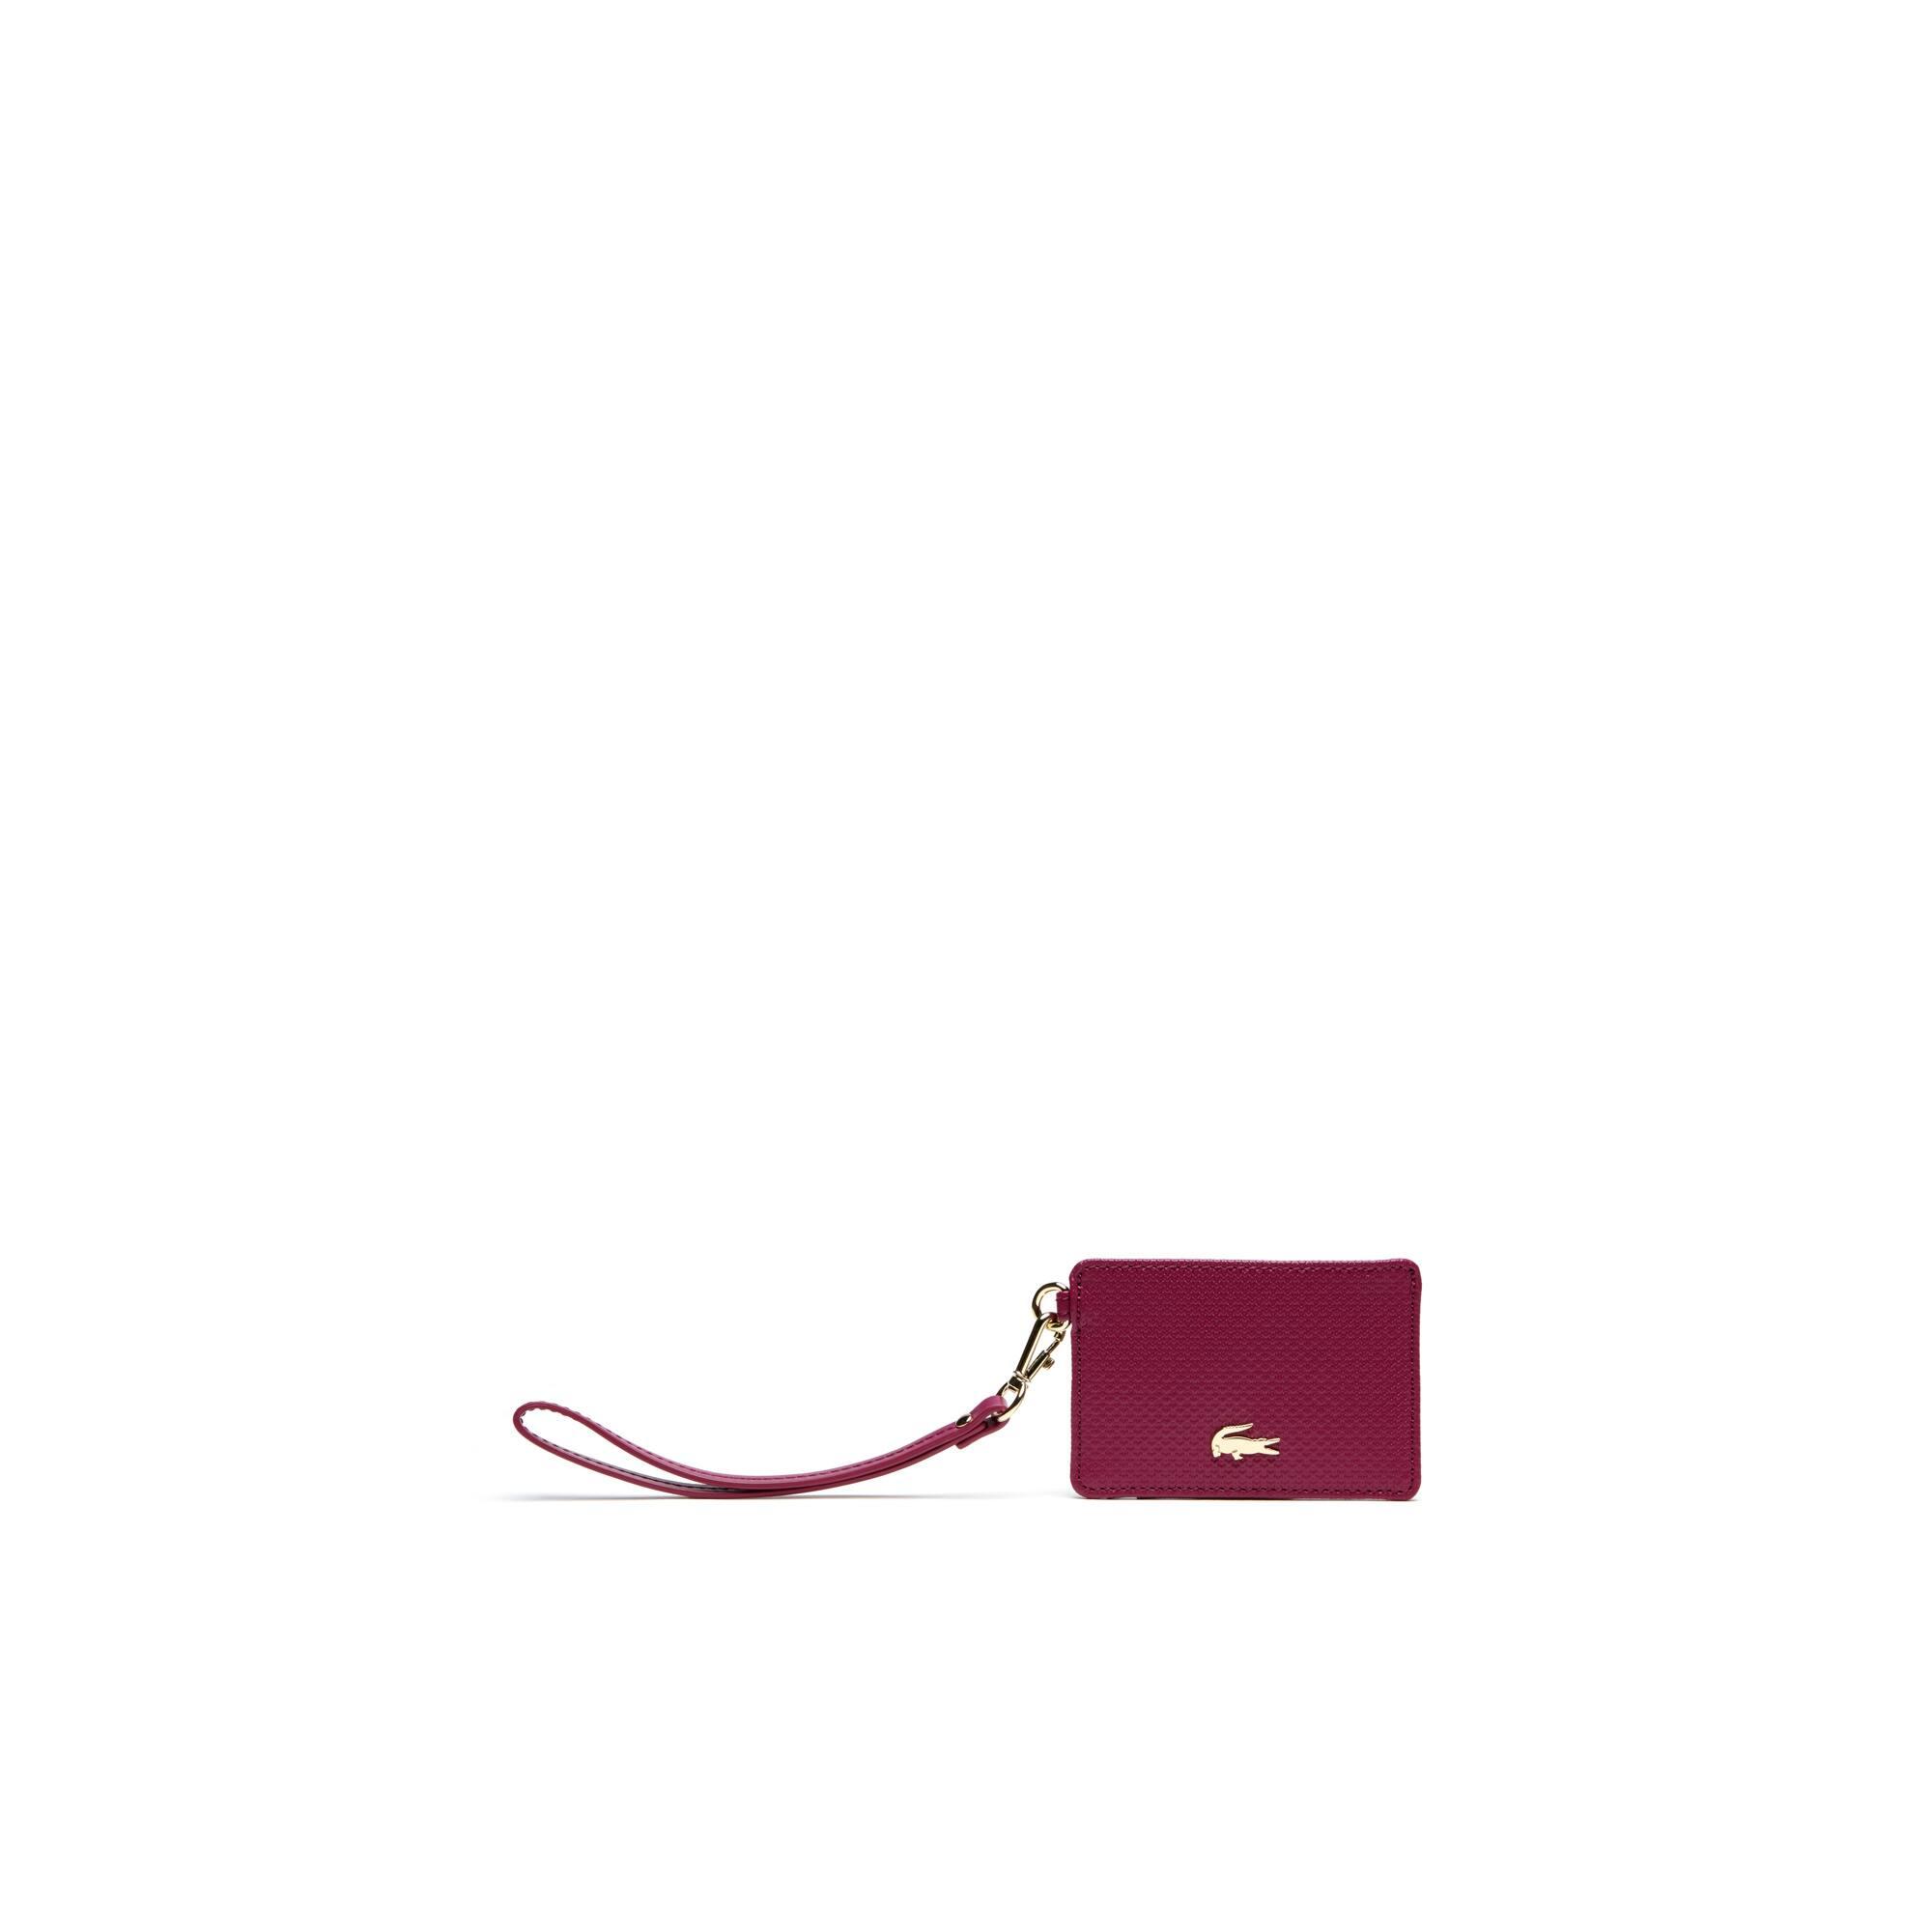 Damen-Leder-Kreditkartenetui CHANTACO